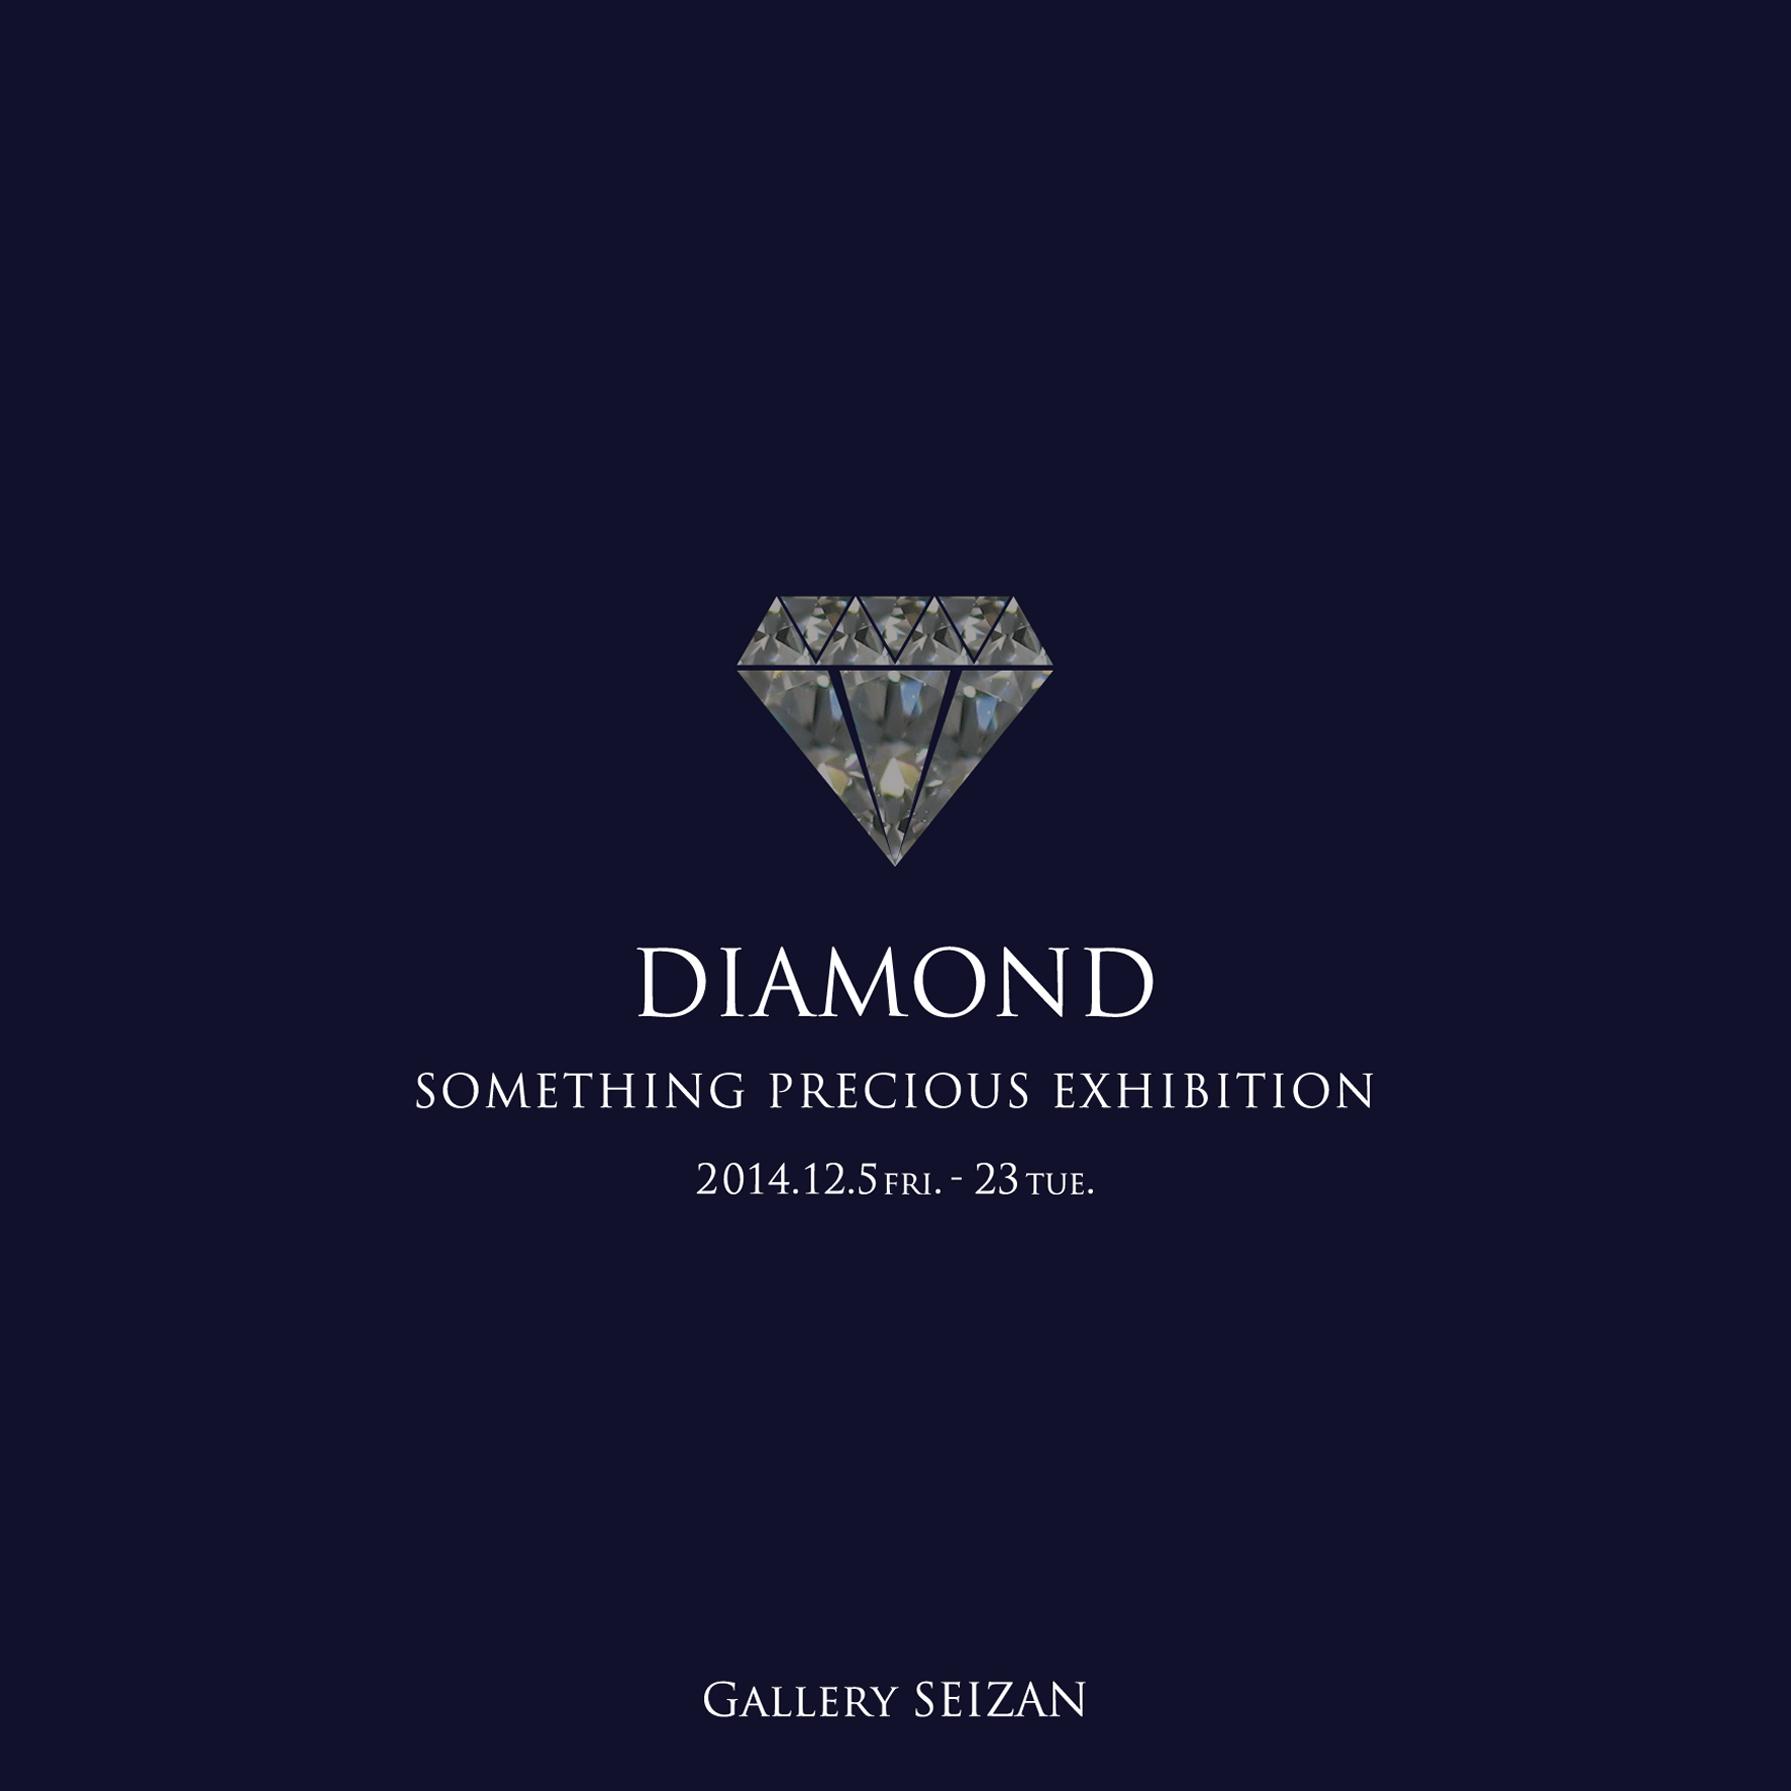 Something Precious, the 6th edition, 2014